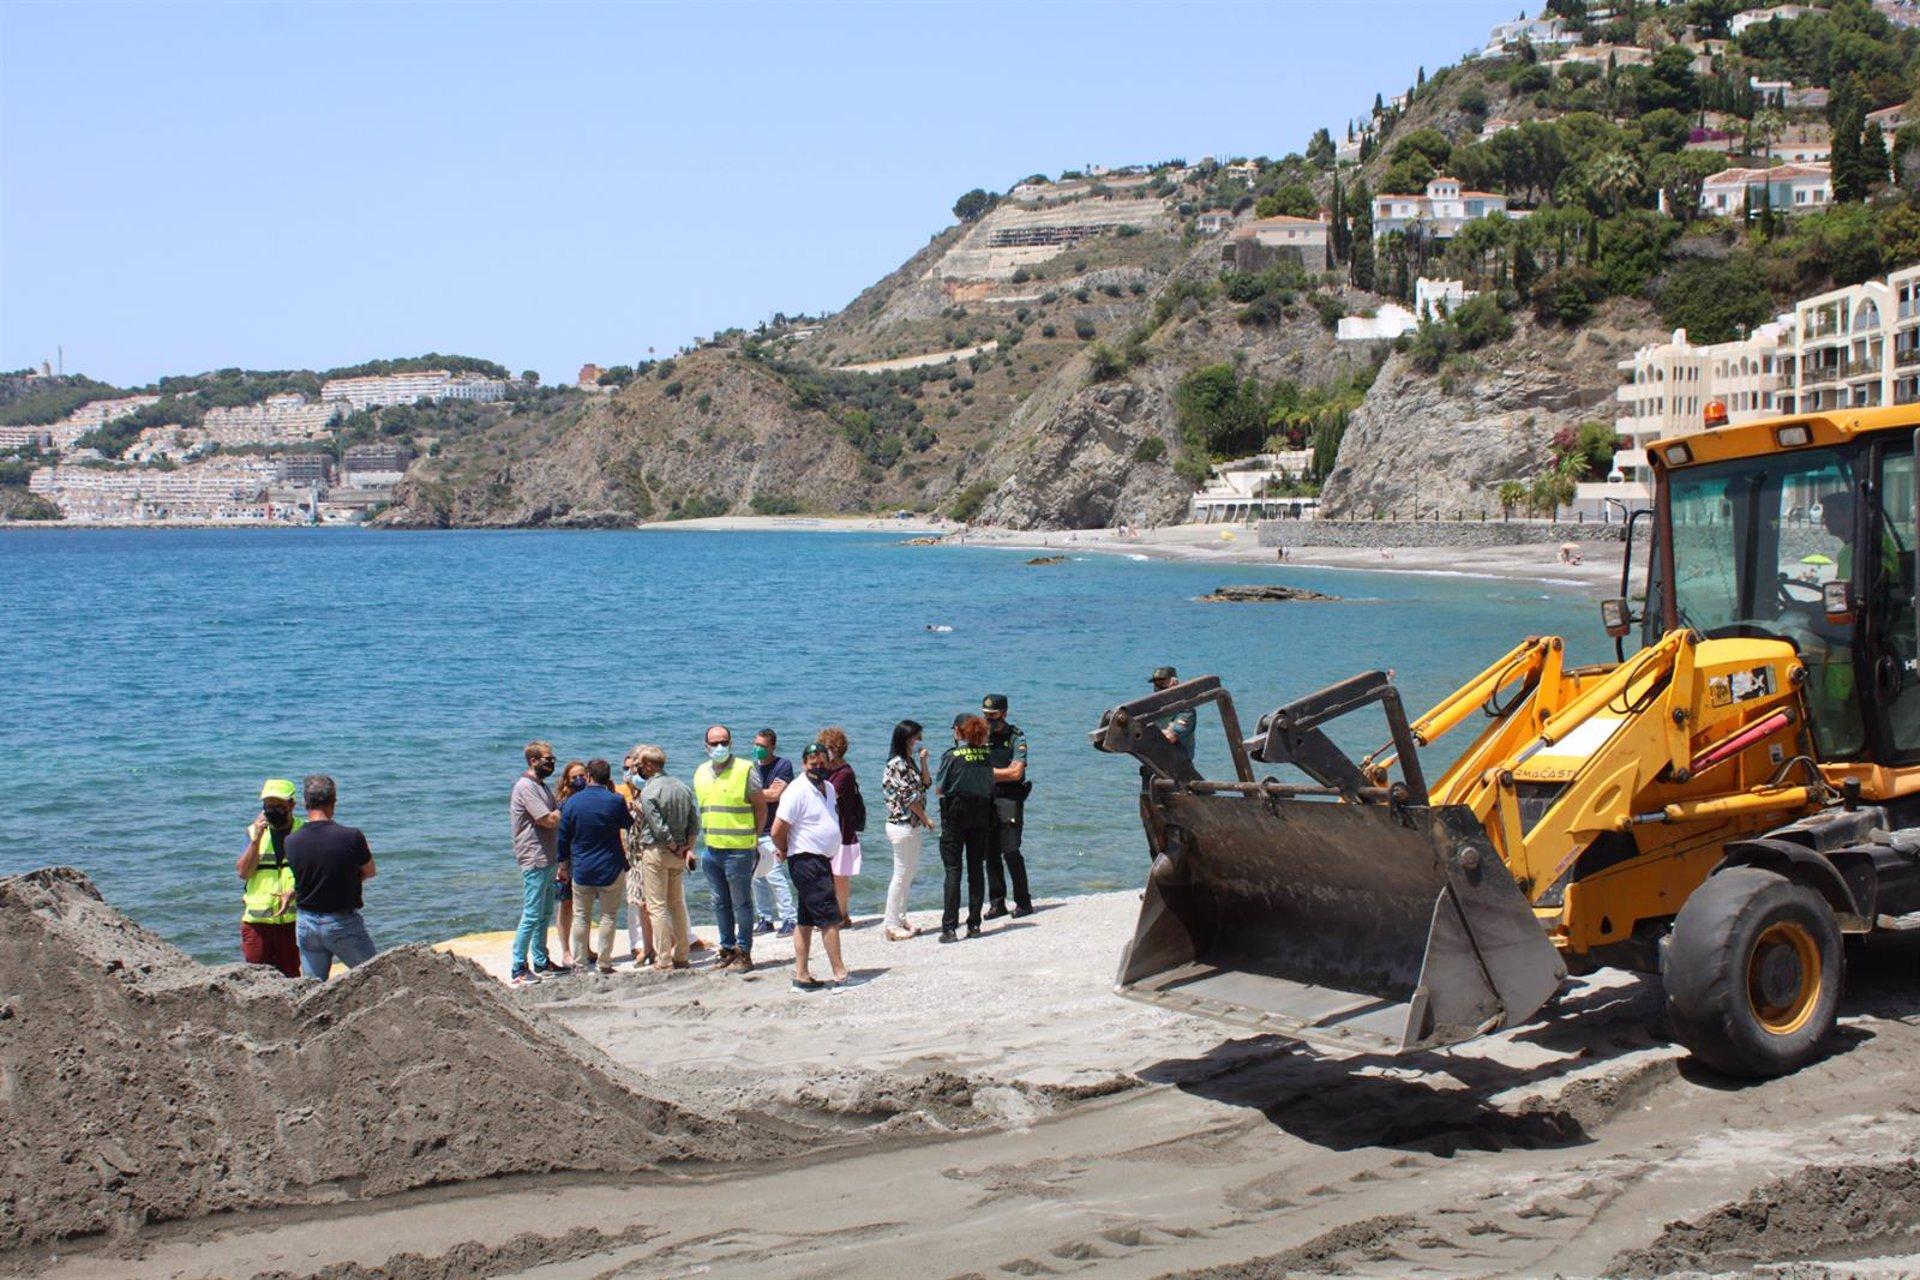 Costas inicia actuaciones de mantenimiento en las playas del litoral